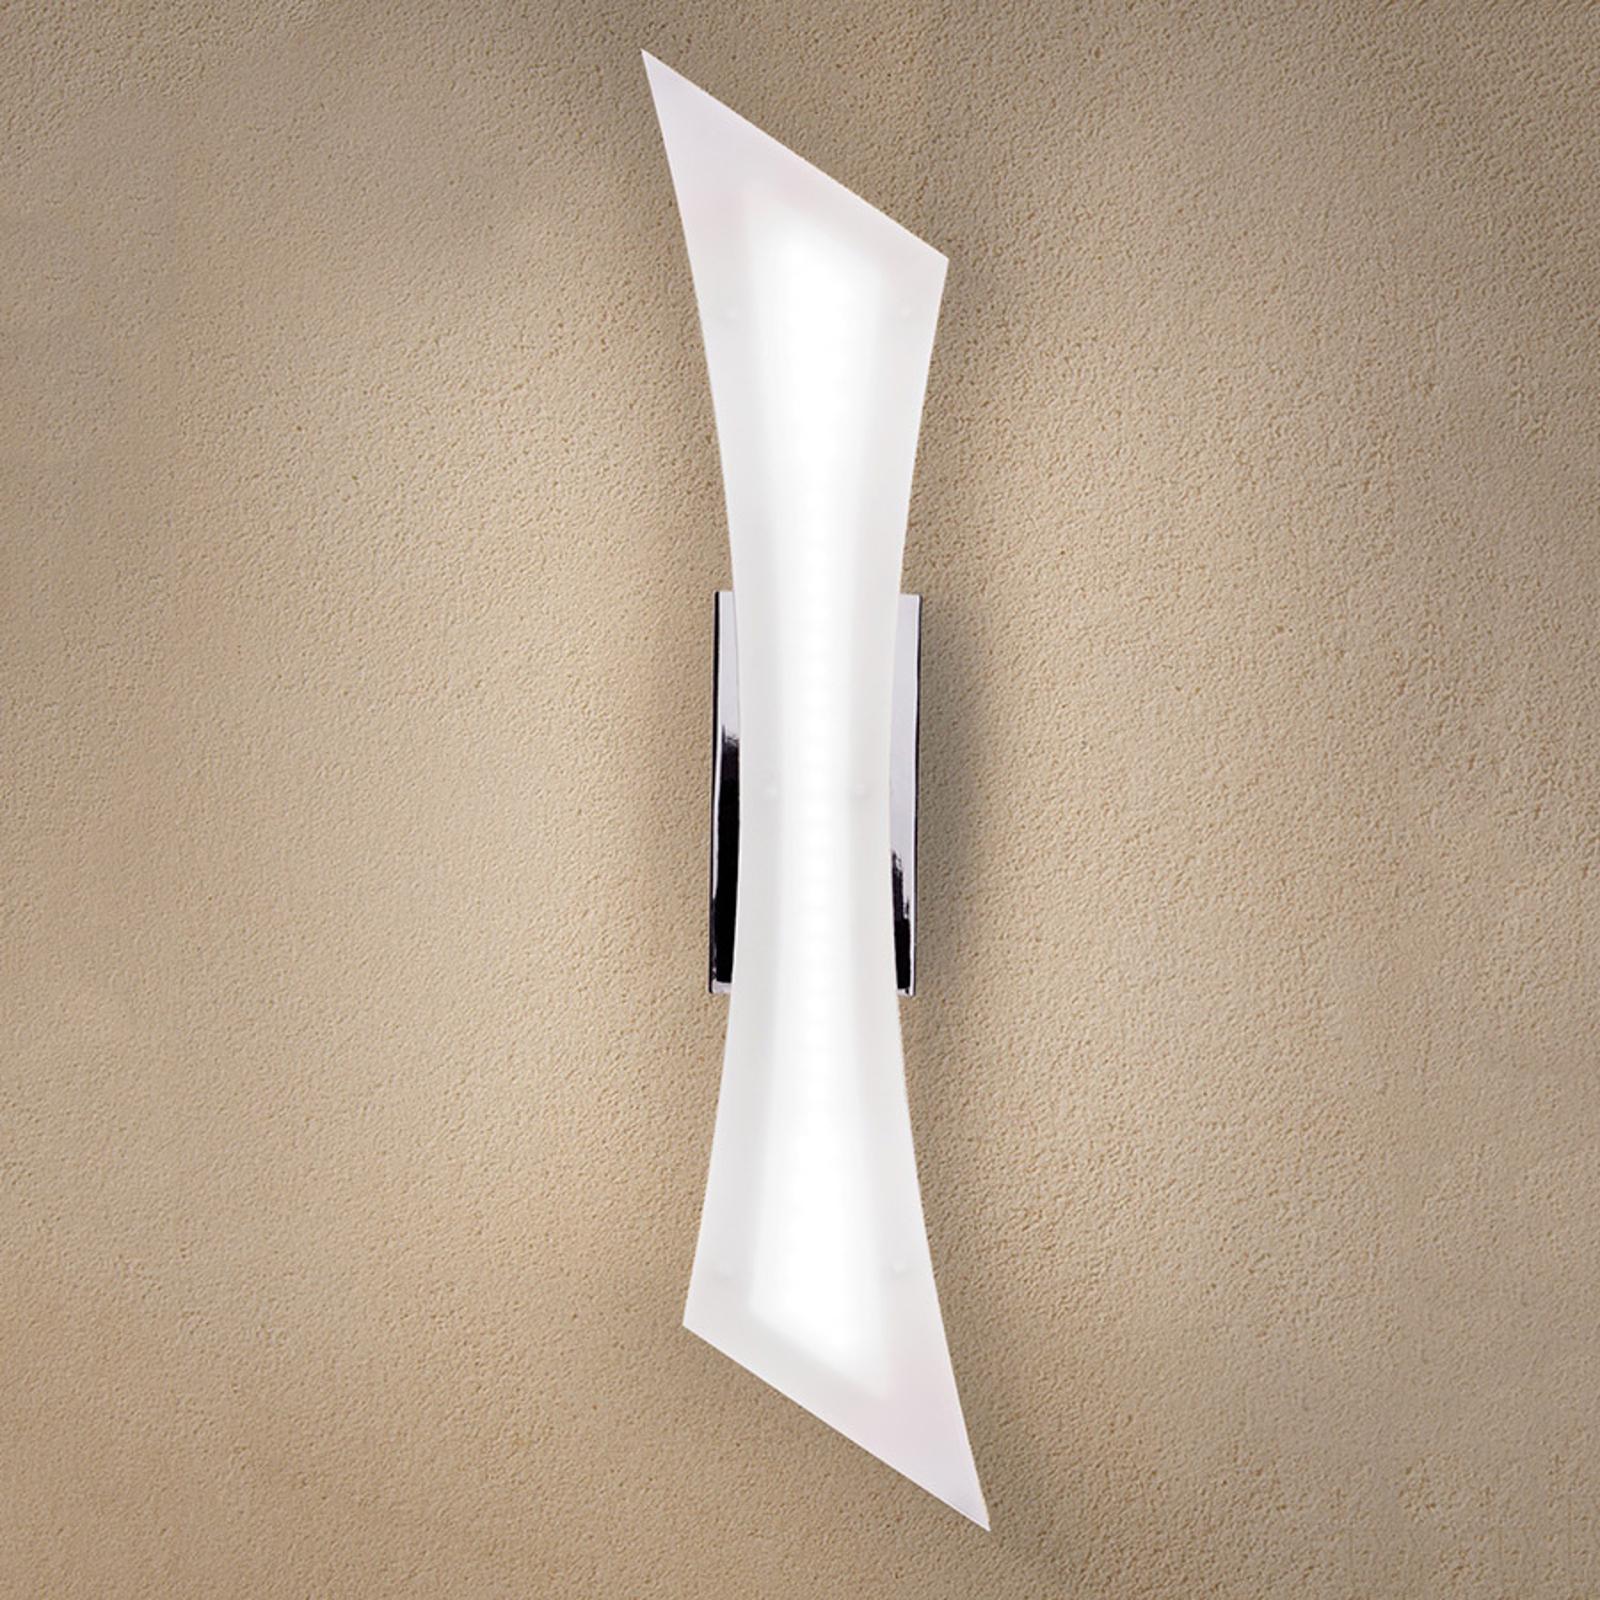 Vaikuttavan näköinen LED-seinävalaisin Dilara